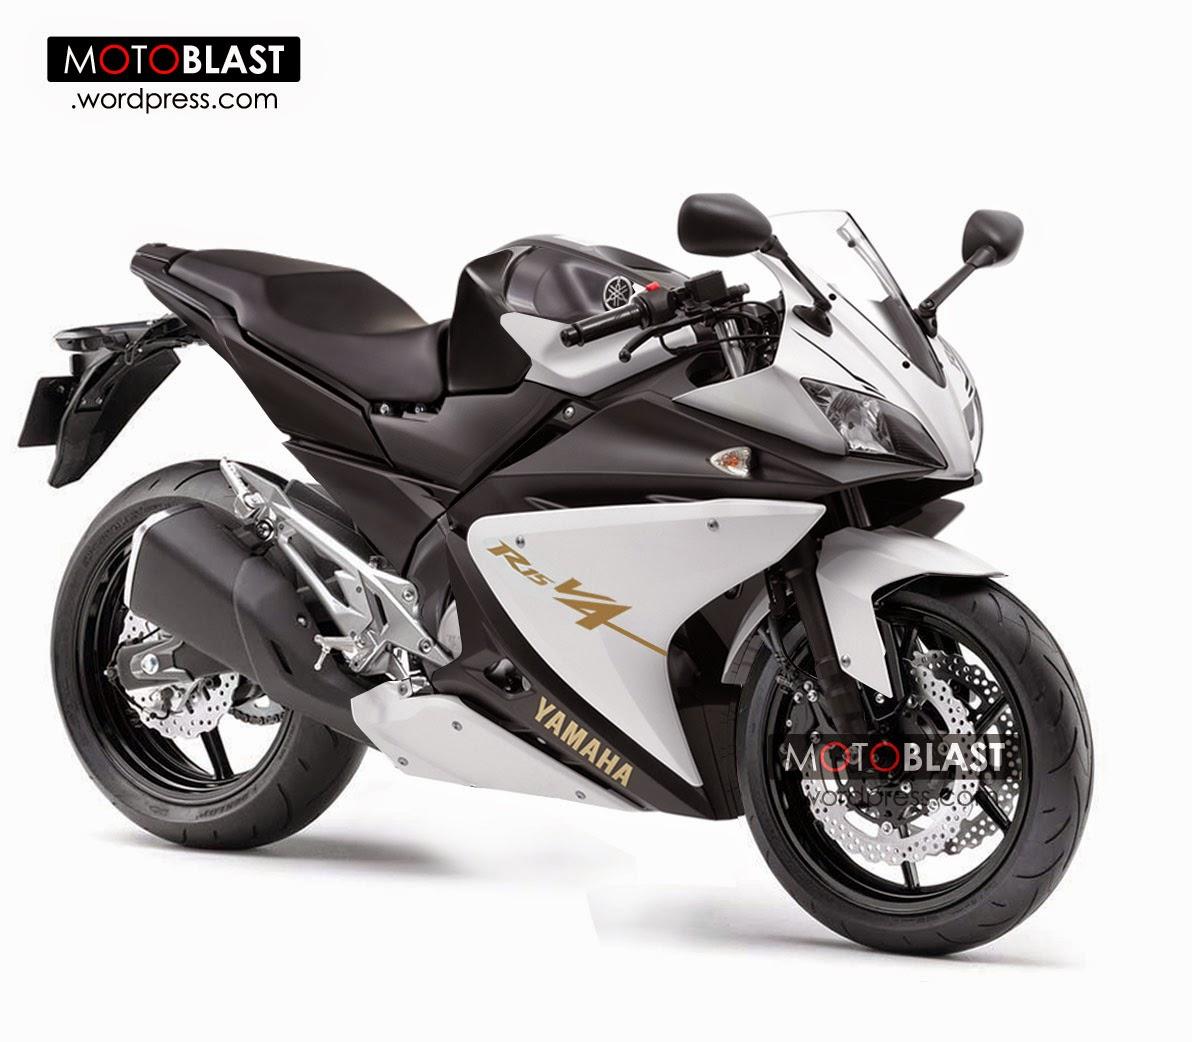 Koleksi Modifikasi New Vixion 2014 Black Terlengkap Dunia Motor